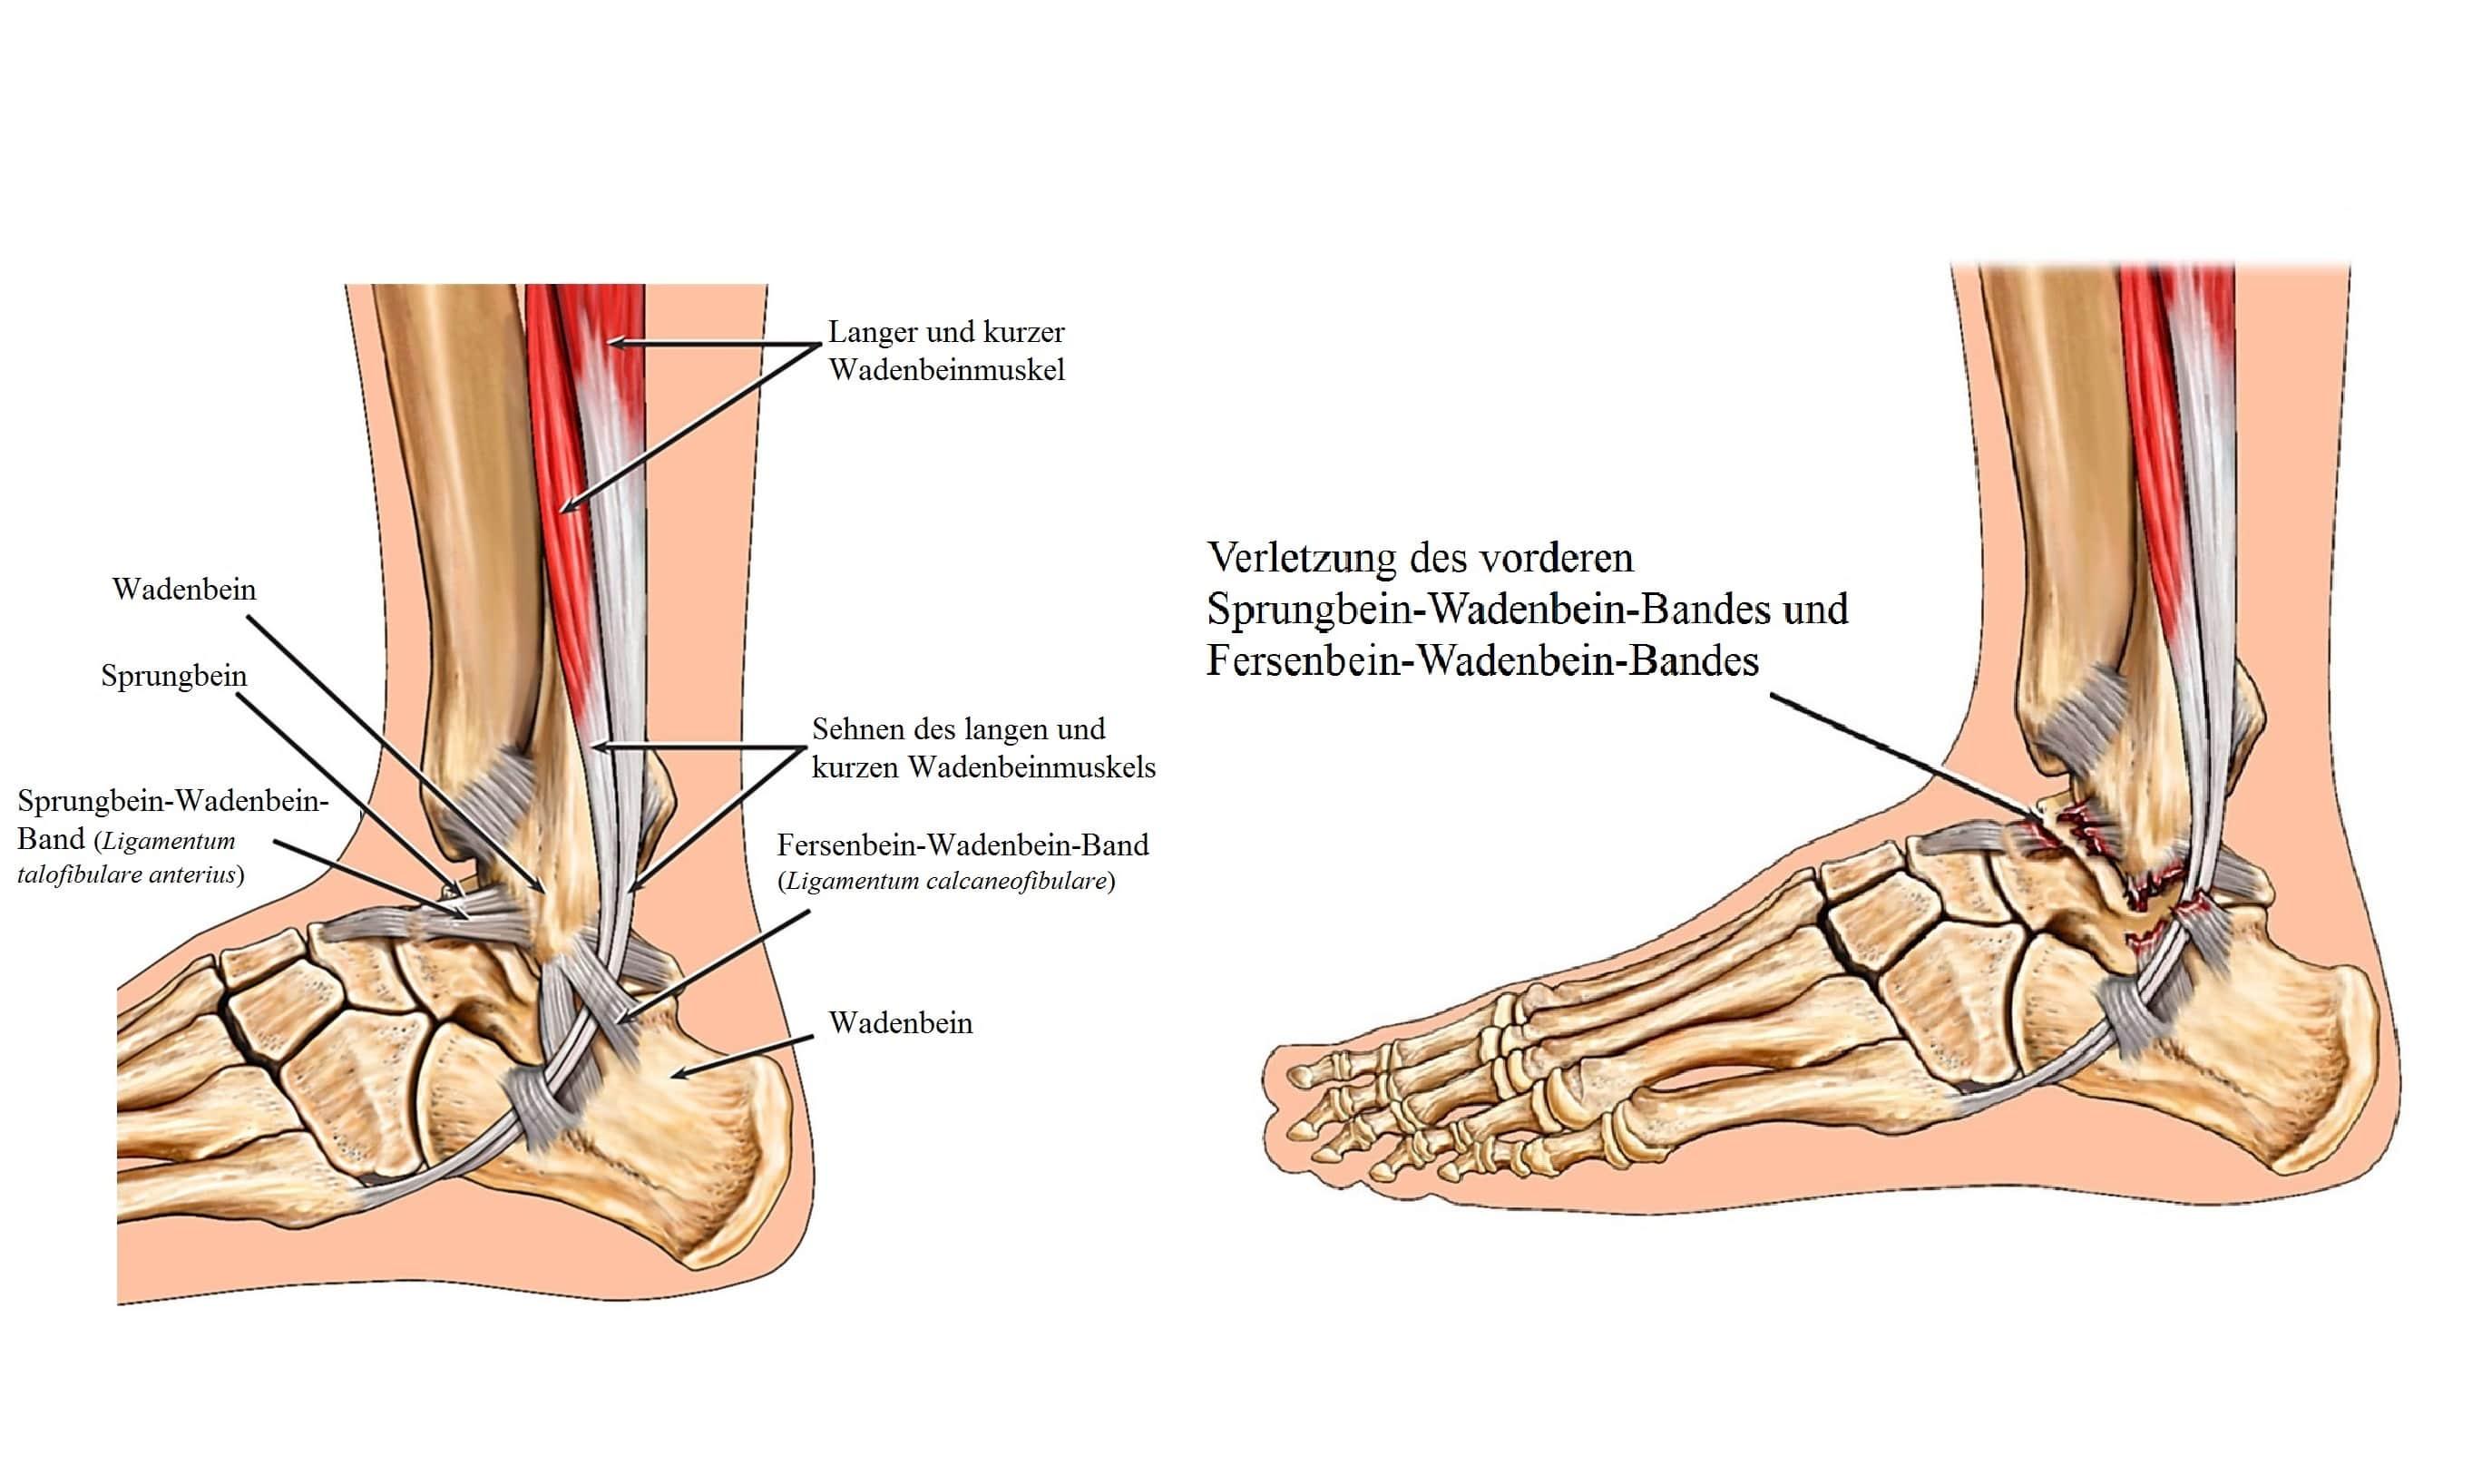 Großartig Knöchel Bilder Anatomie Bilder - Anatomie Von Menschlichen ...